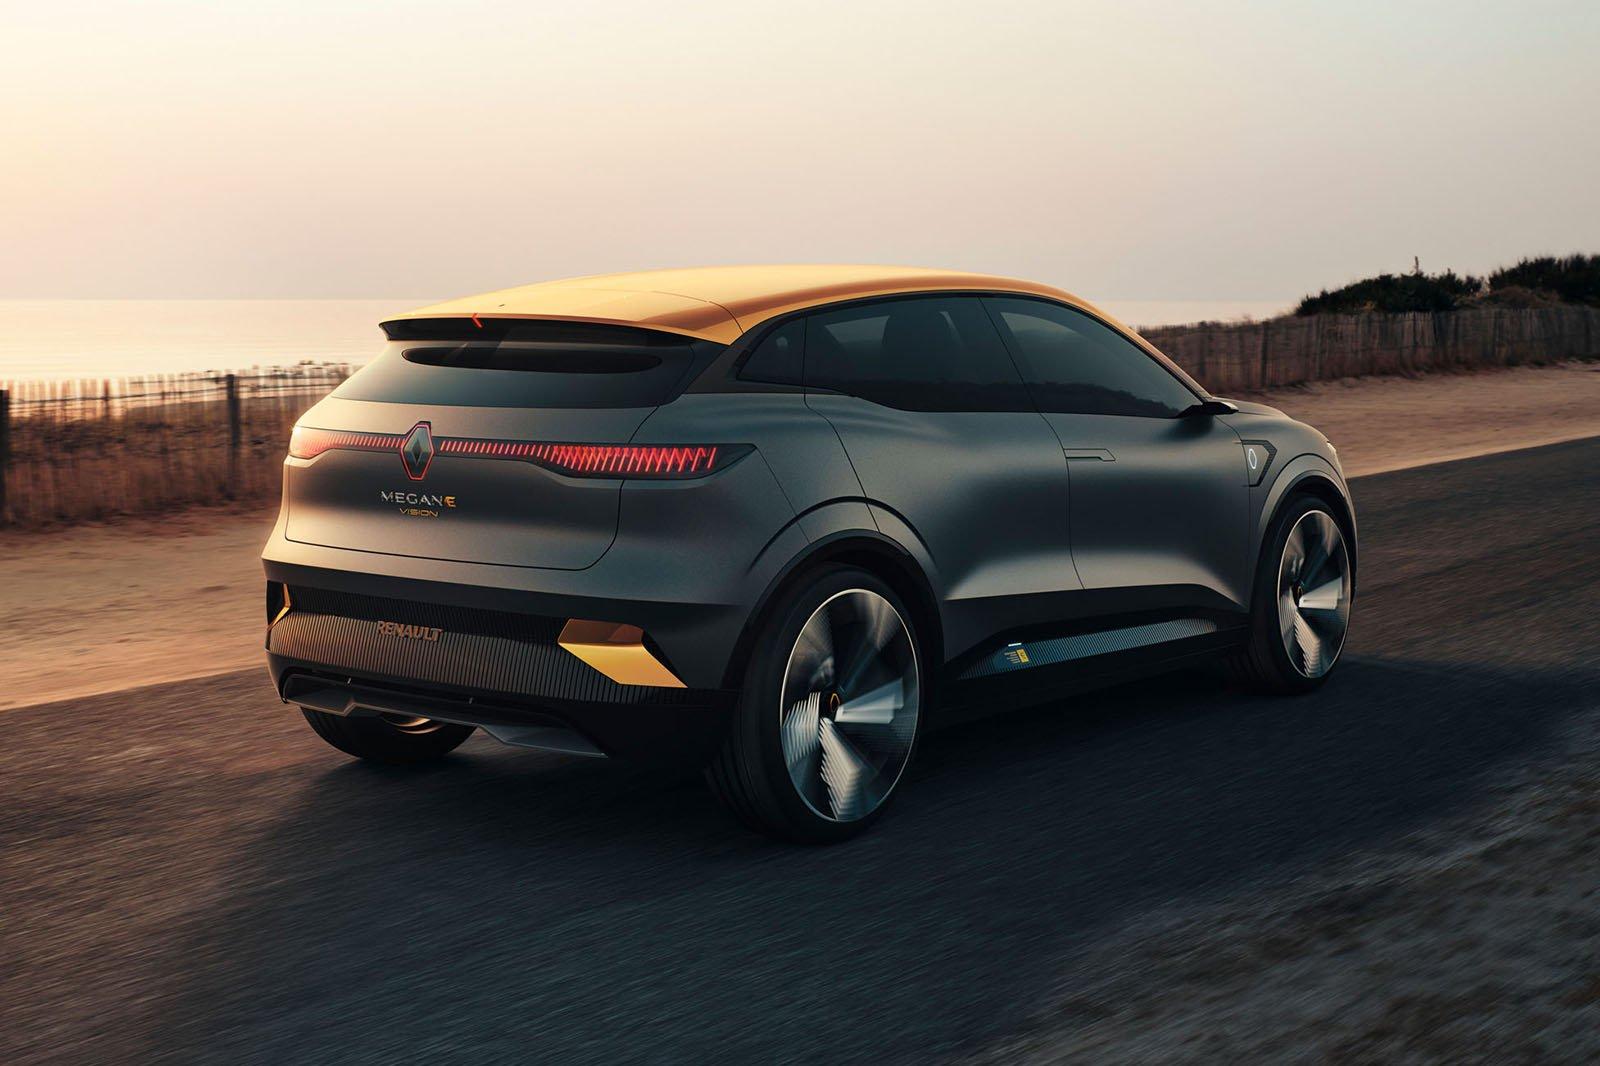 2022 Renault Megane eVision rear